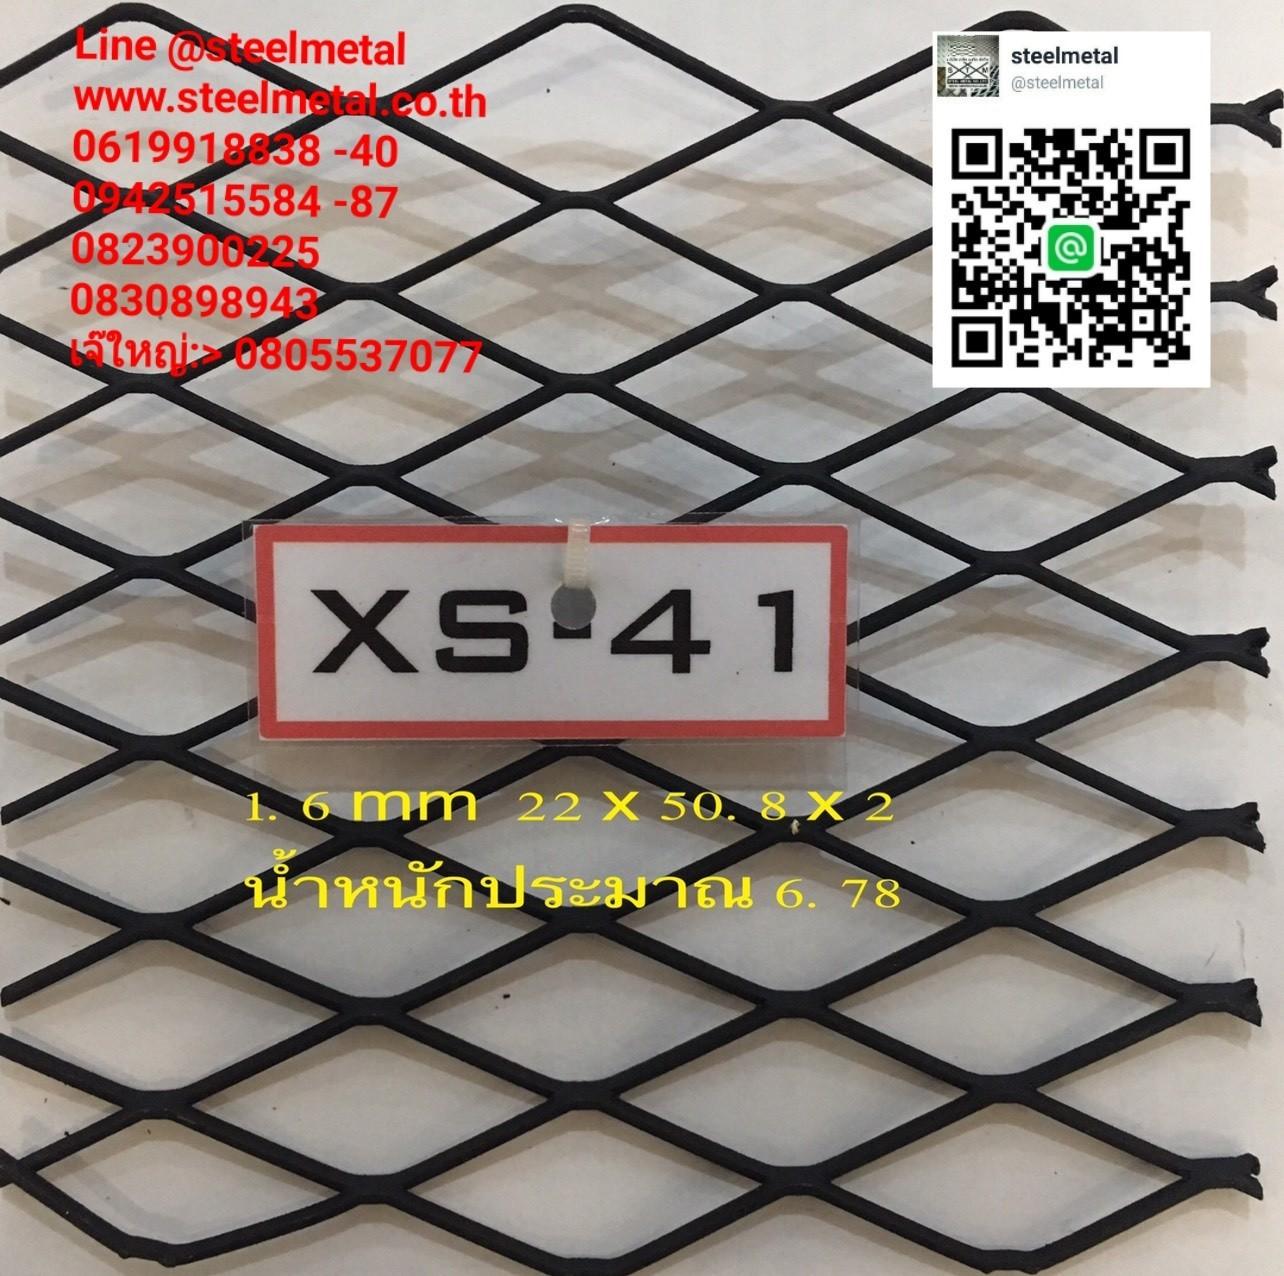 ตะแกรงเหล็กฉีกXS-41